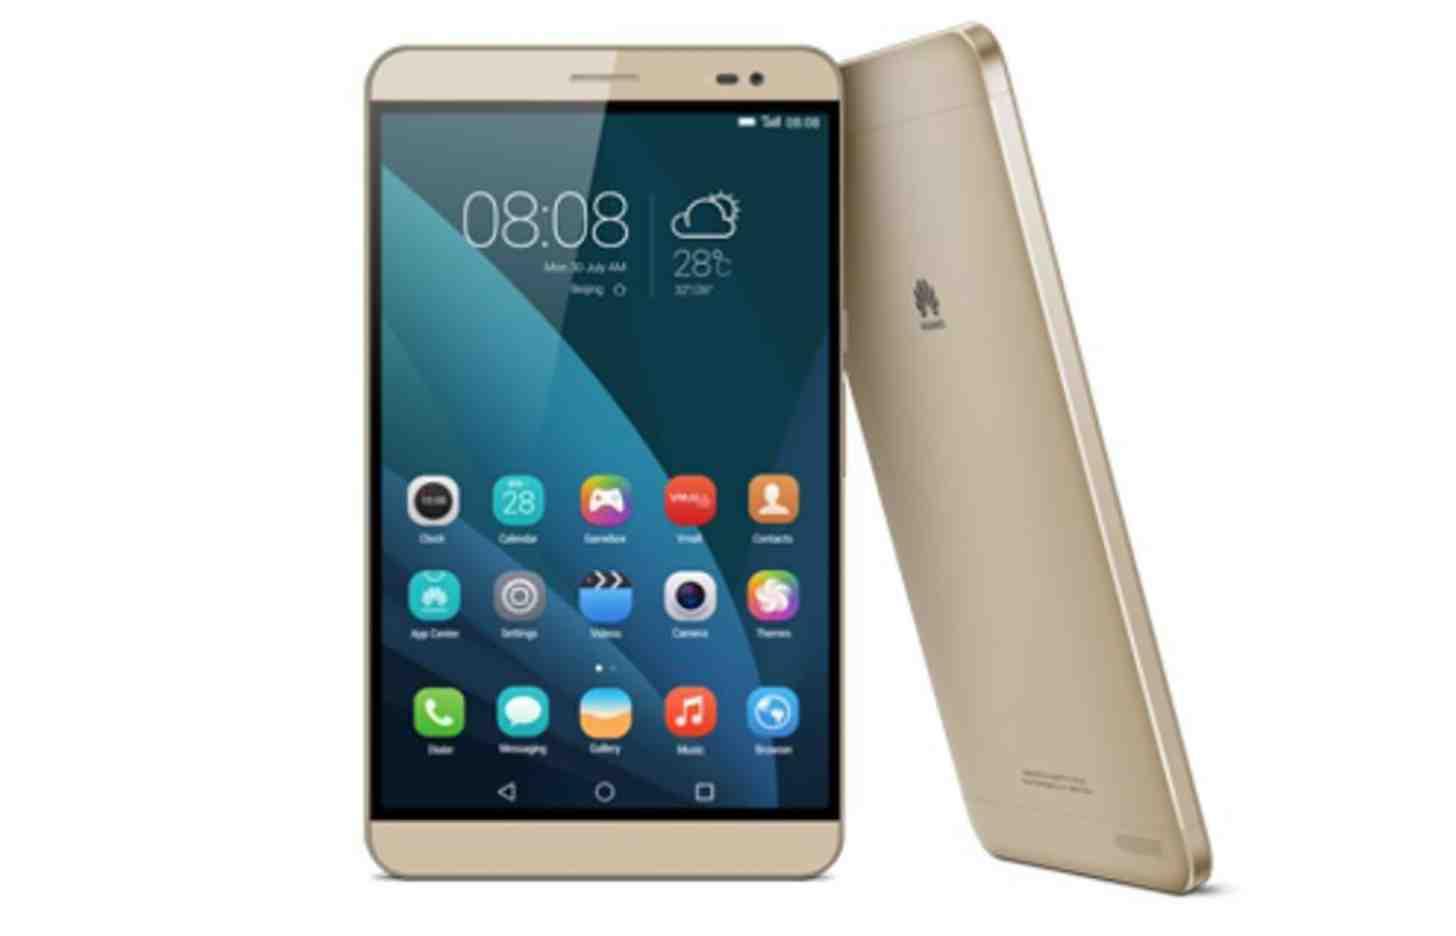 МТС иHuawei заключили долгосрочное соглашение опродаже смартфонов идругих устройств